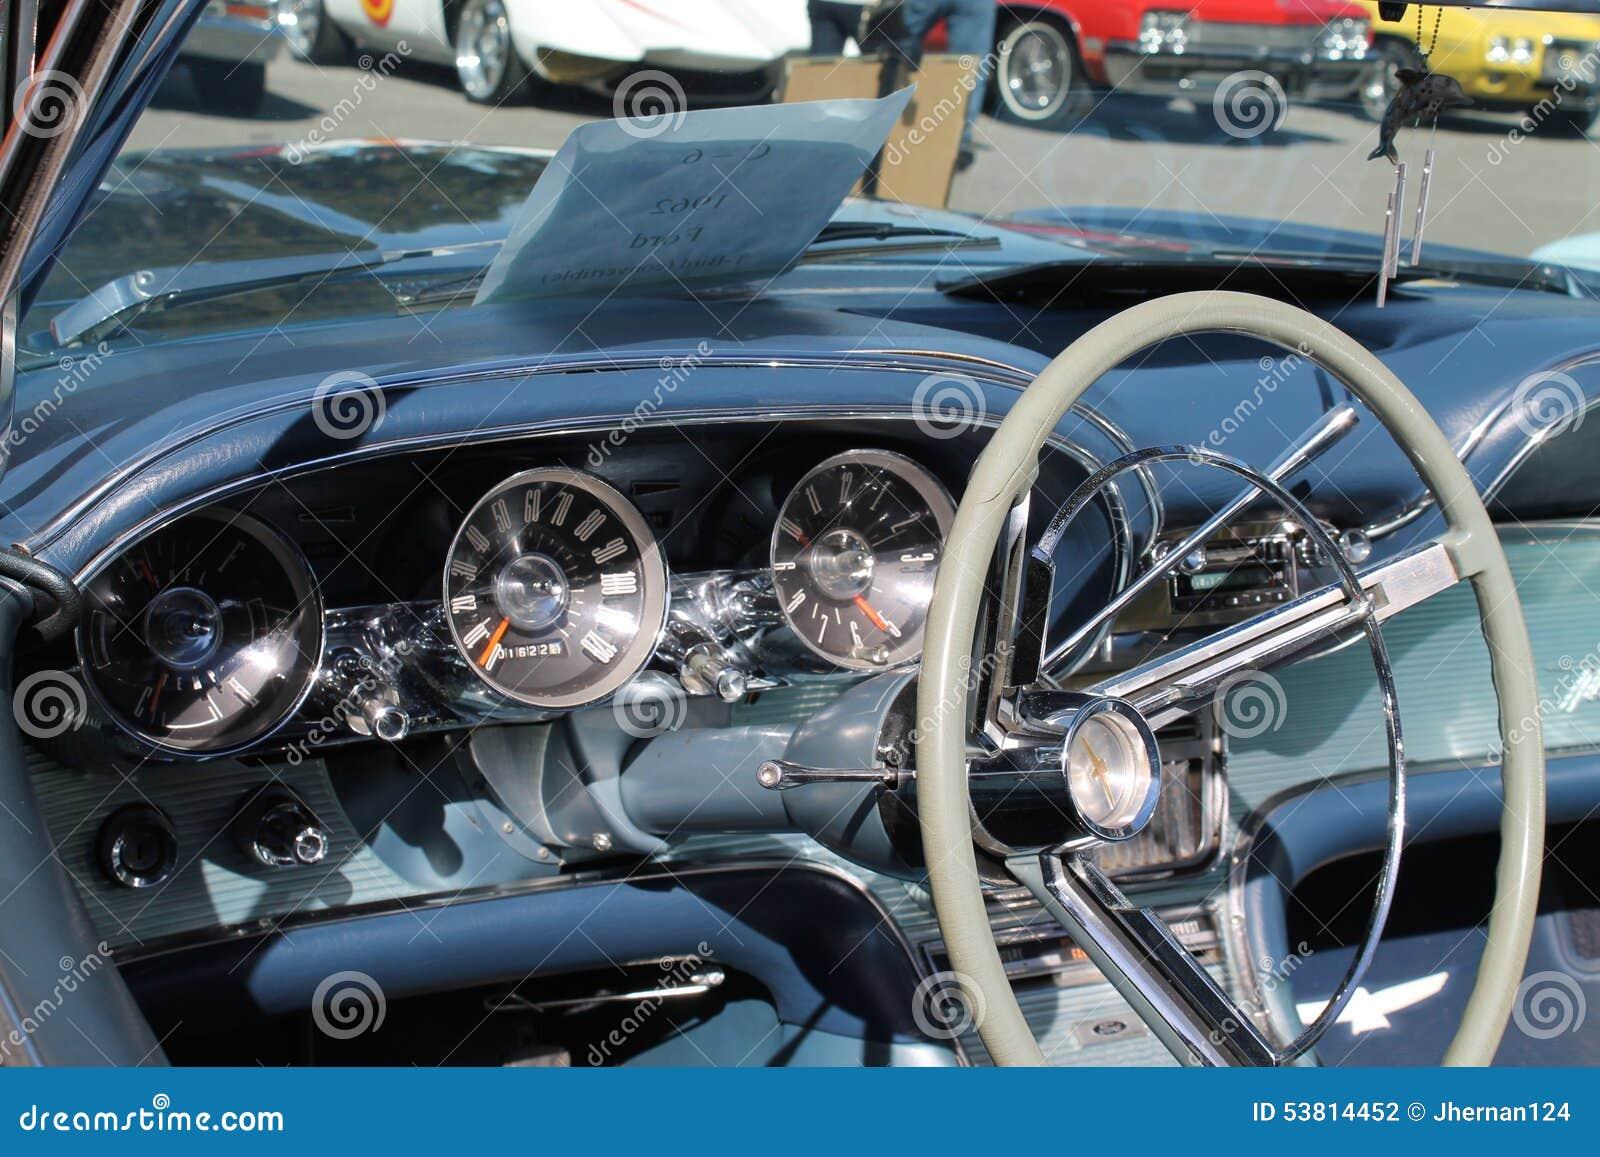 American Cabin Car Classic Convertible Florida Ford Interior Miami